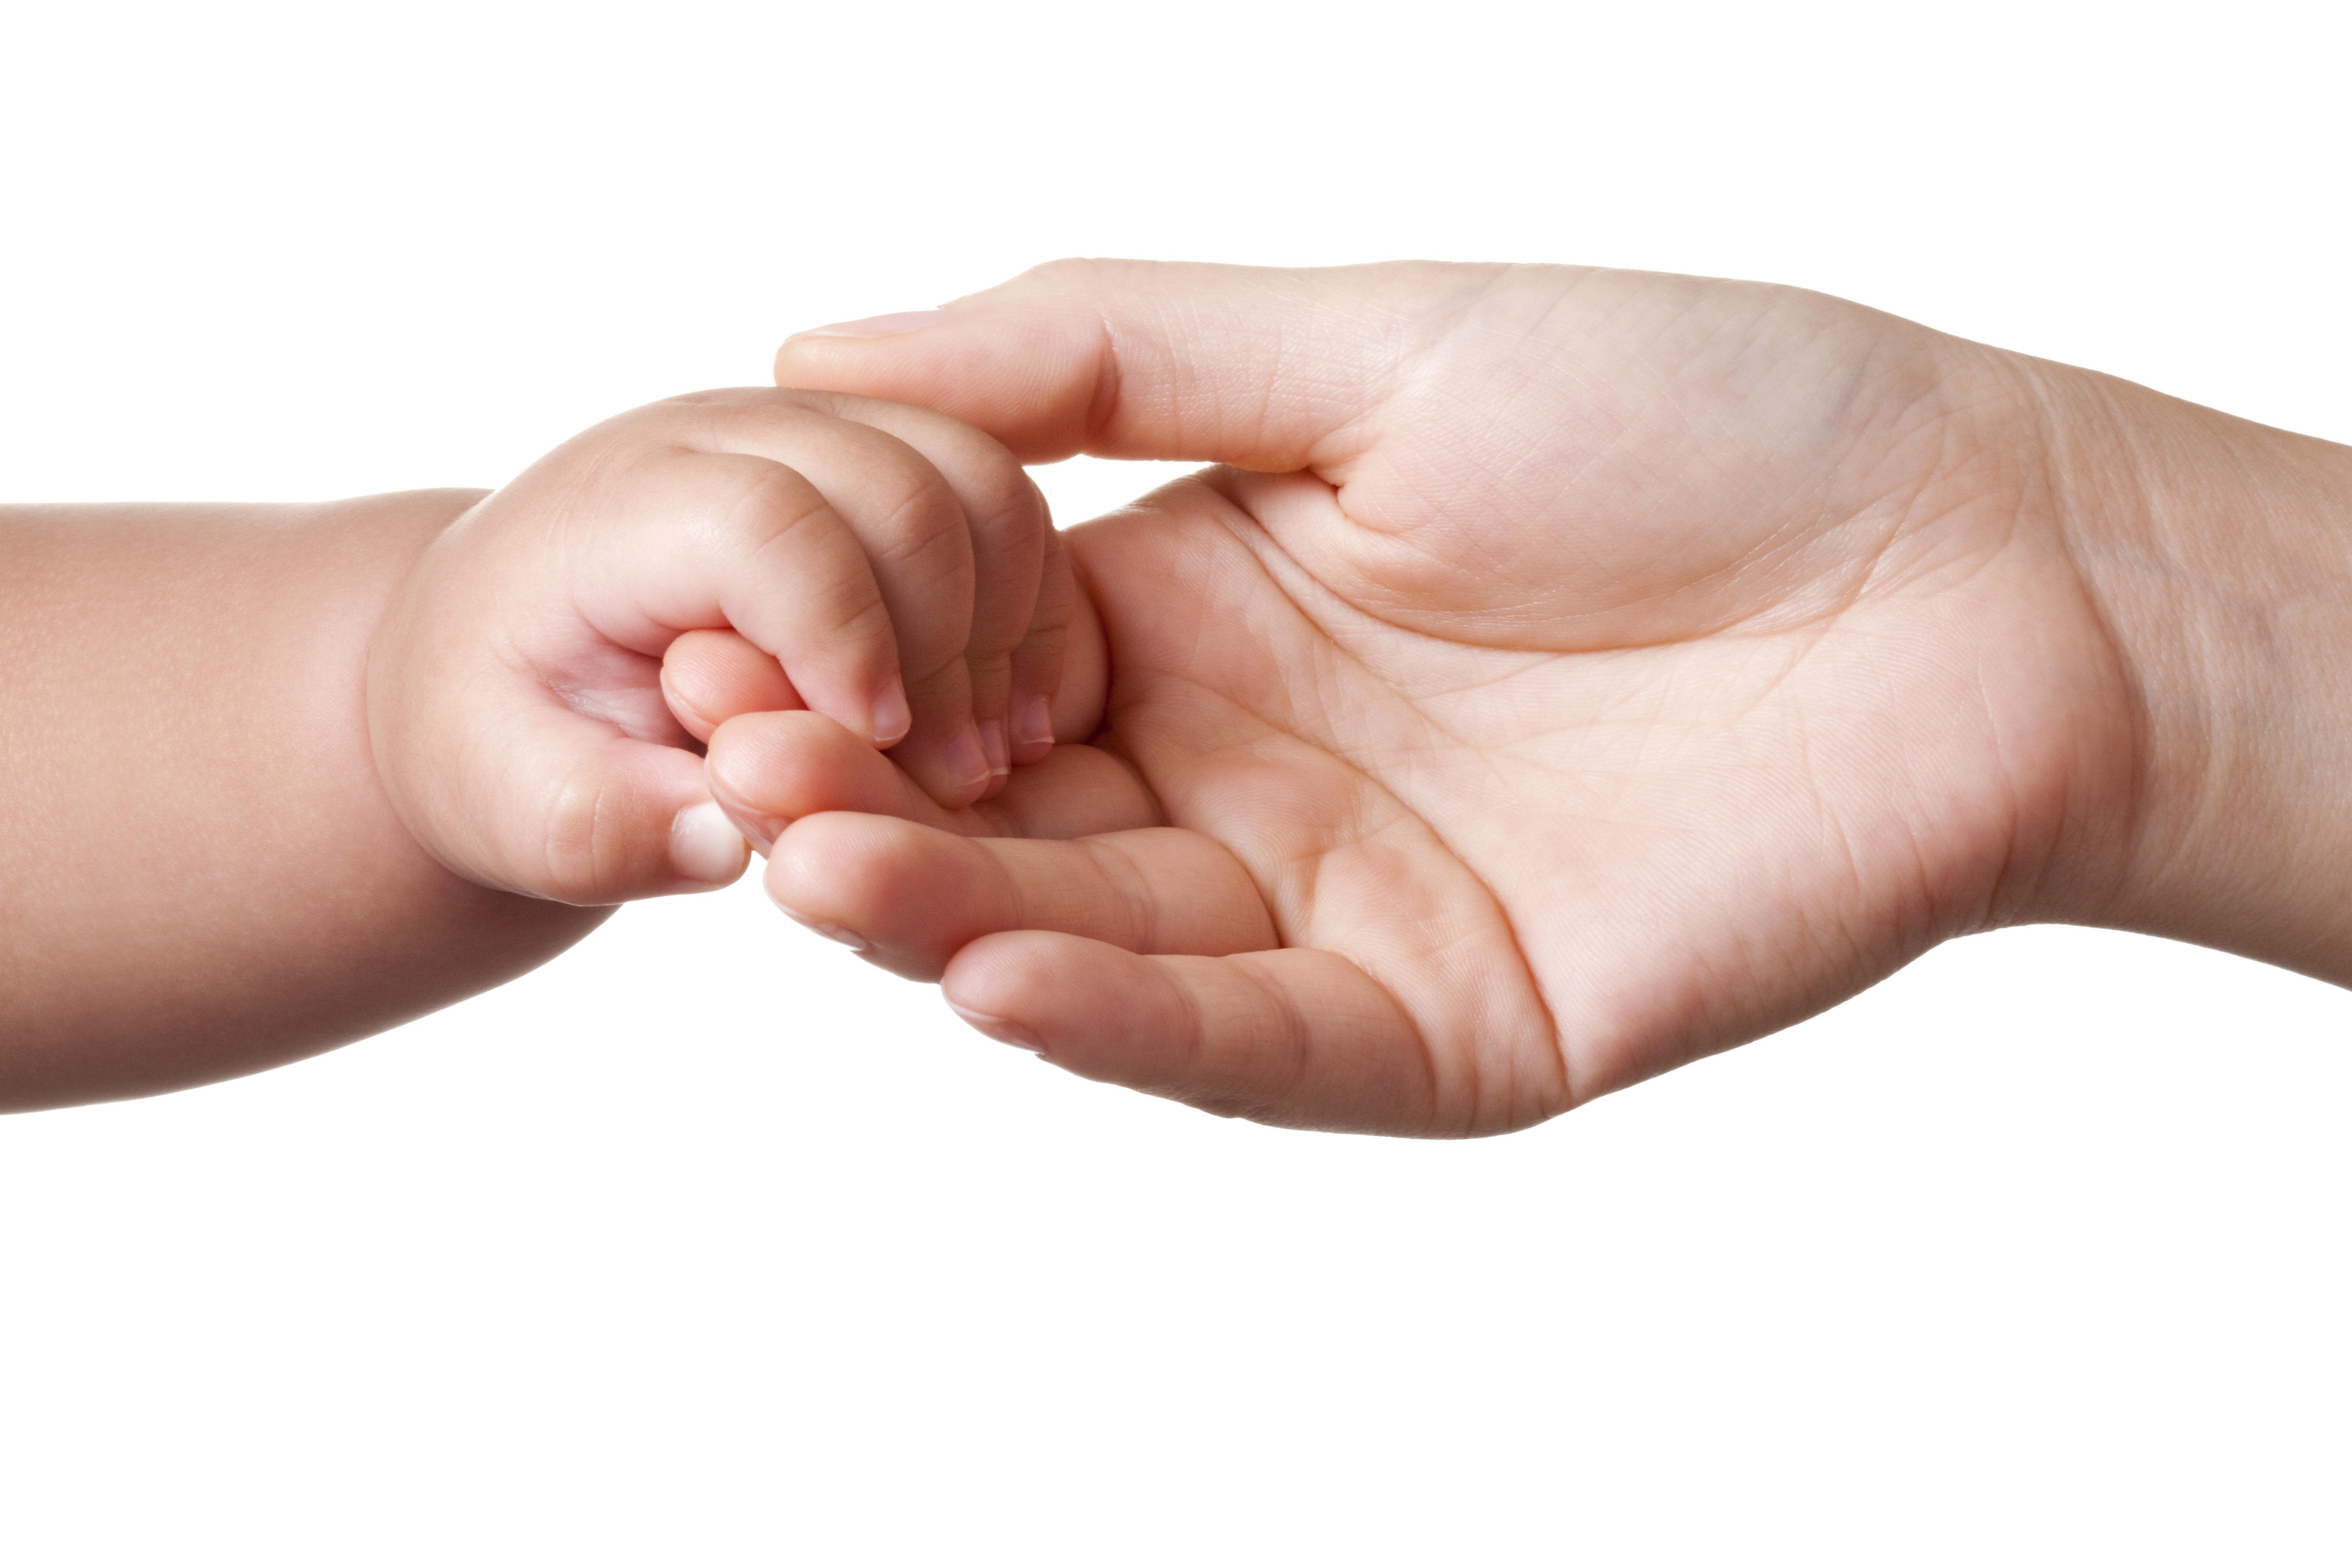 어떤 아이는 태어나면 '잘못된 출산' 소송의 원고가